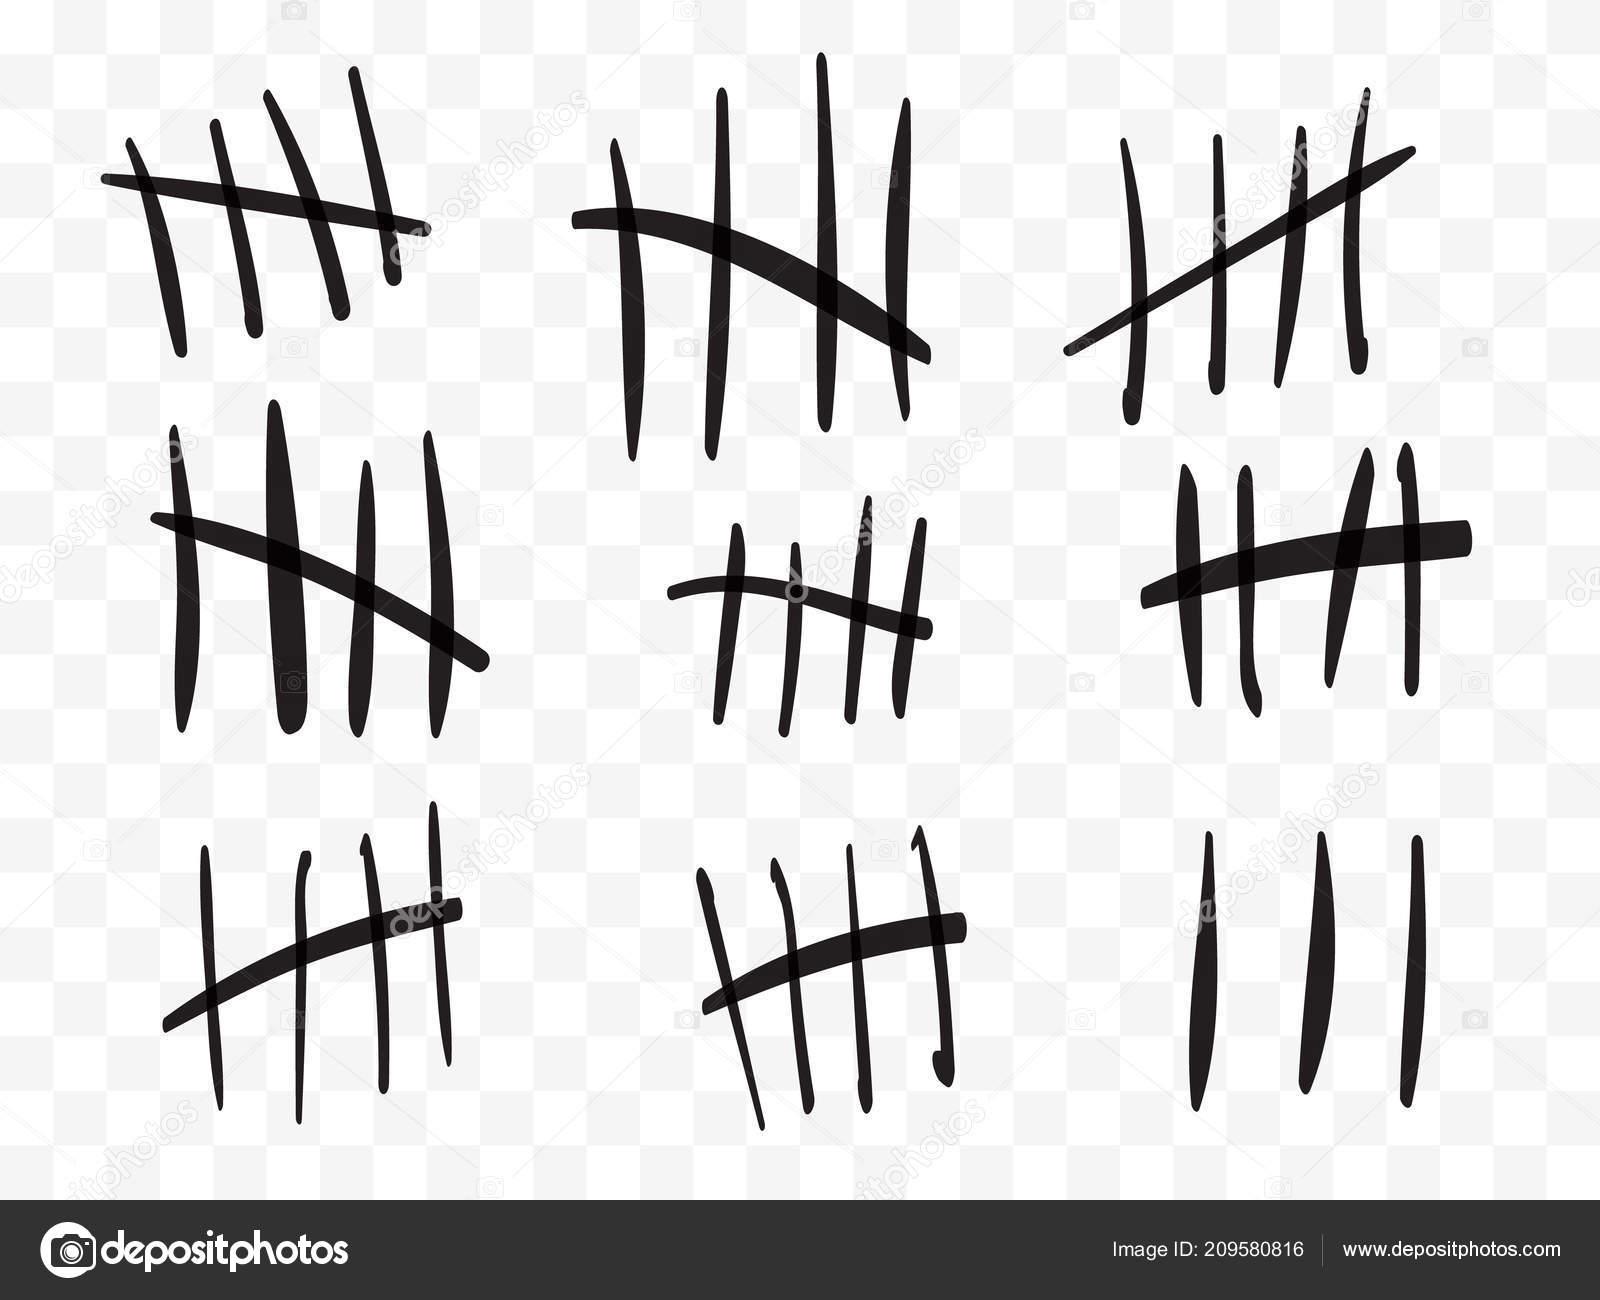 Zählstriche auf eine Gefängnismauer isoliert. Zeichen